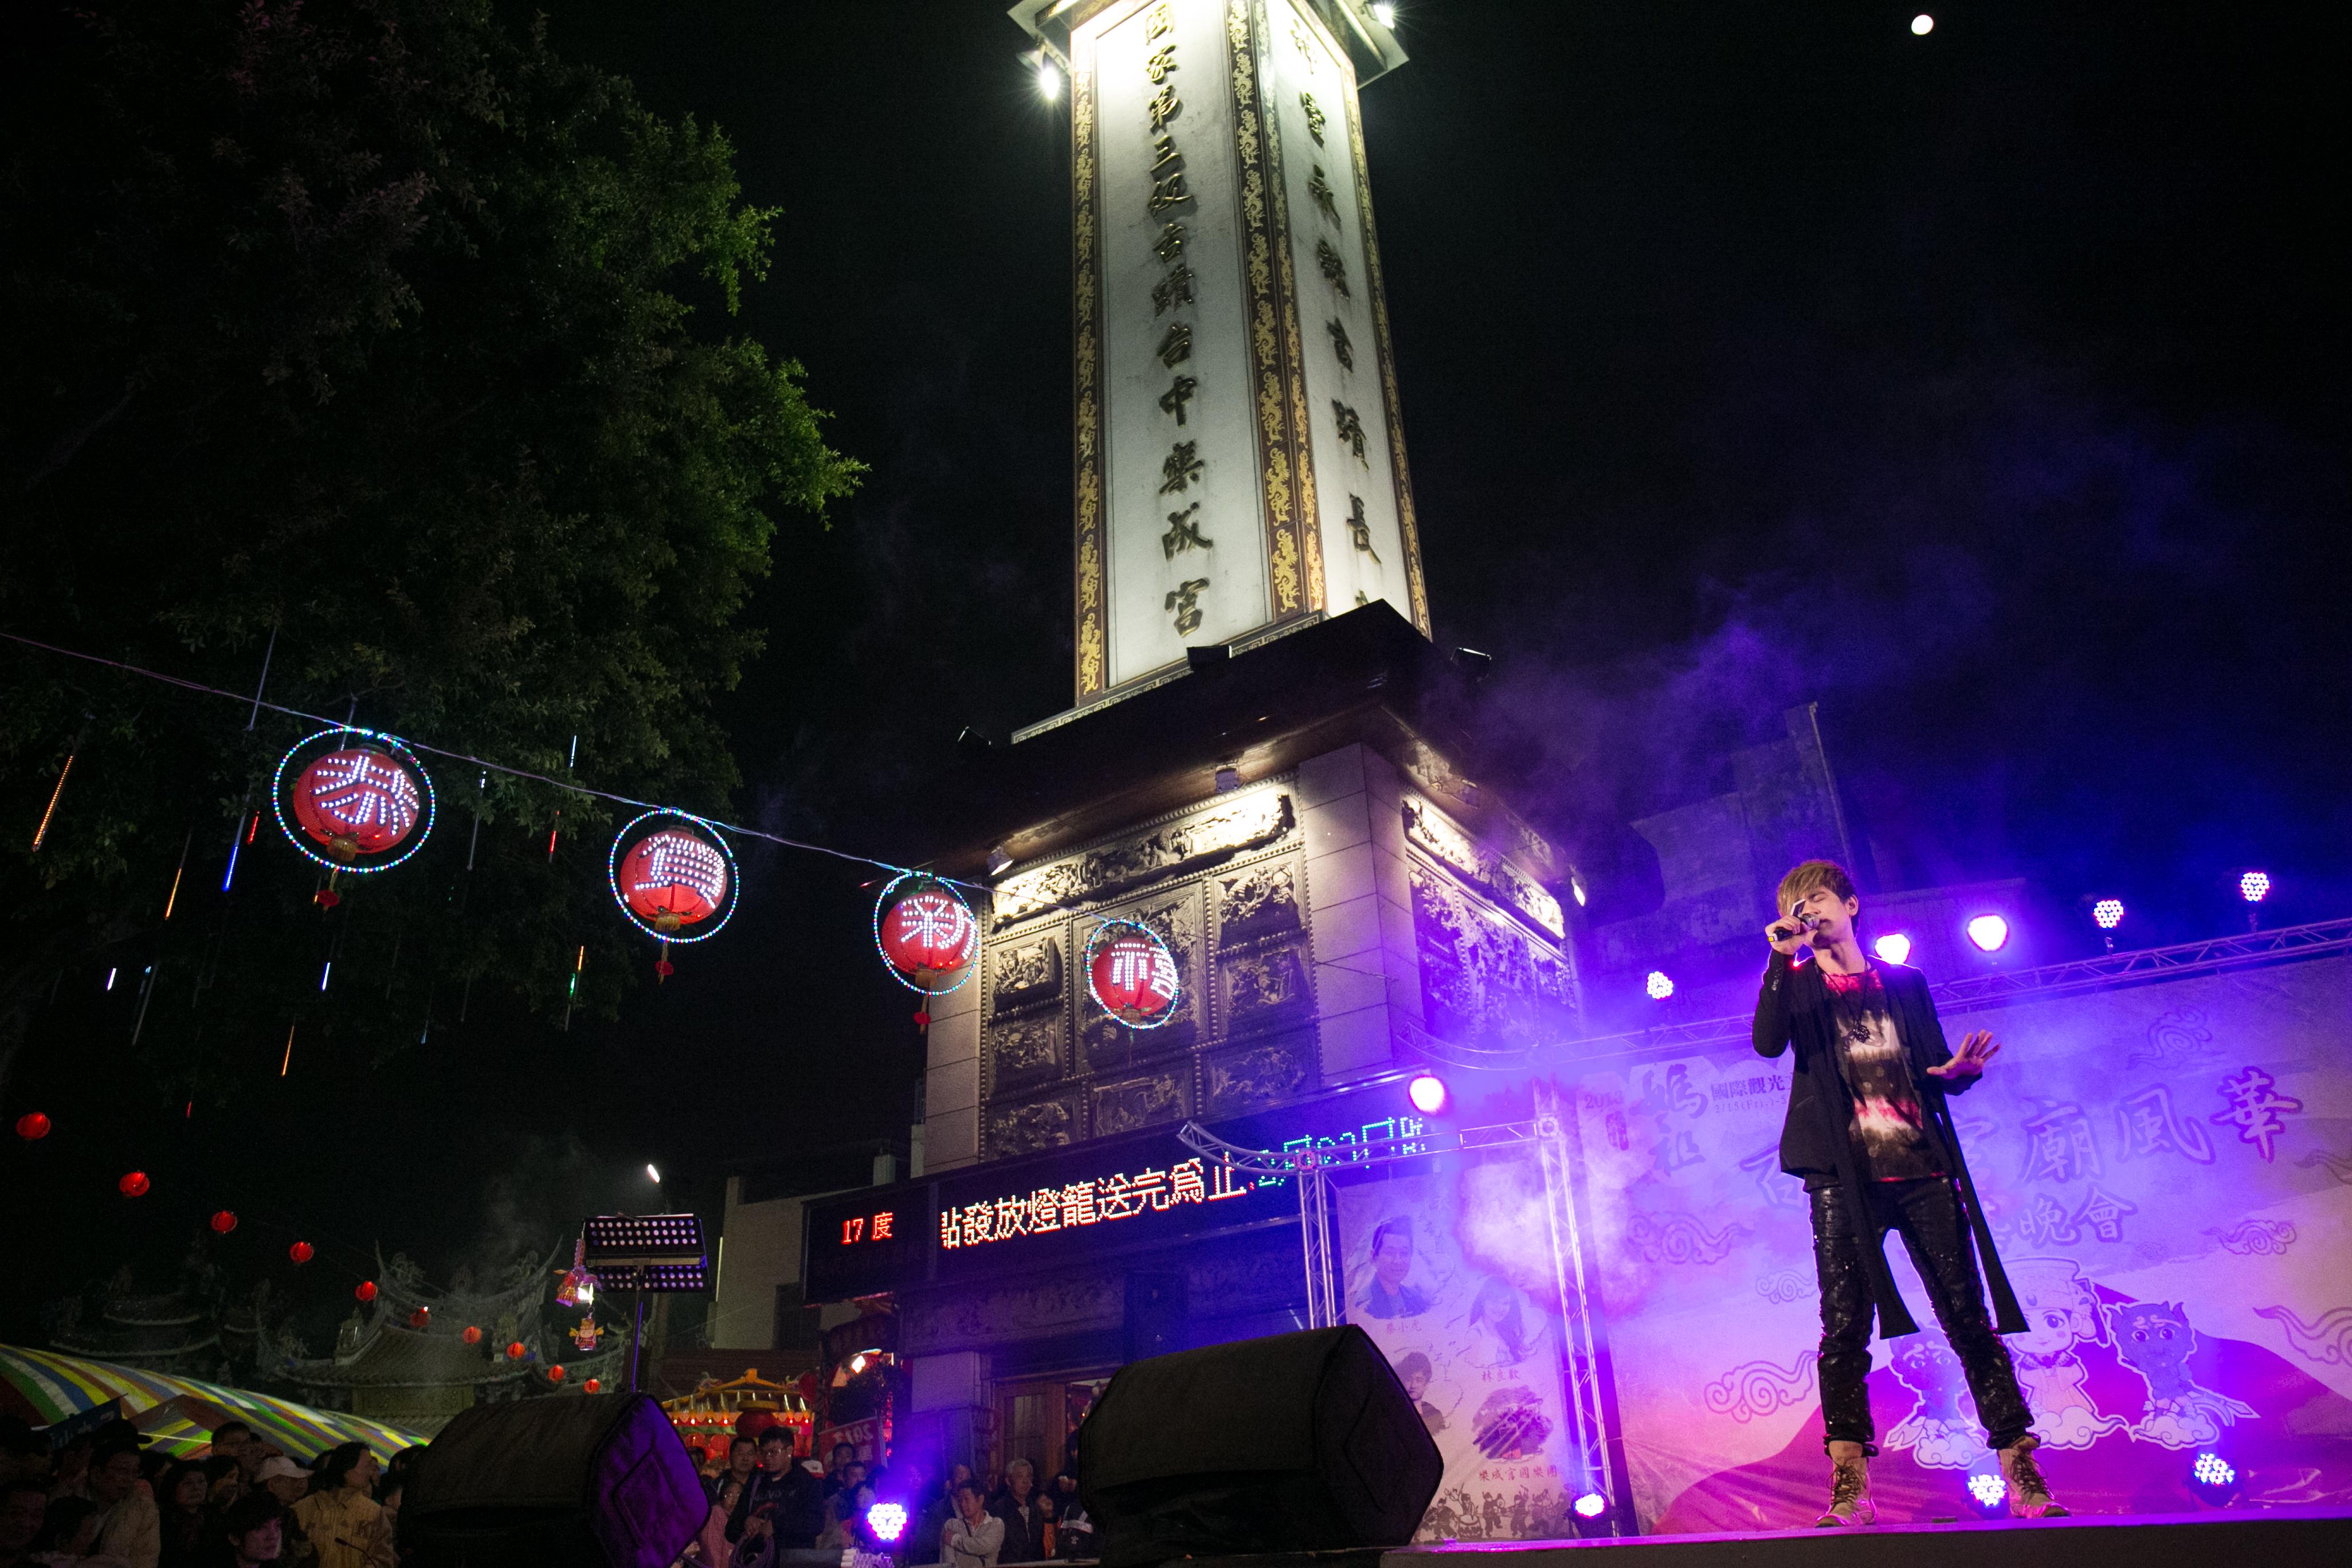 臺中媽祖國際觀光文化節在樂成宮,活動紀錄拍攝者台中婚錄張西米8